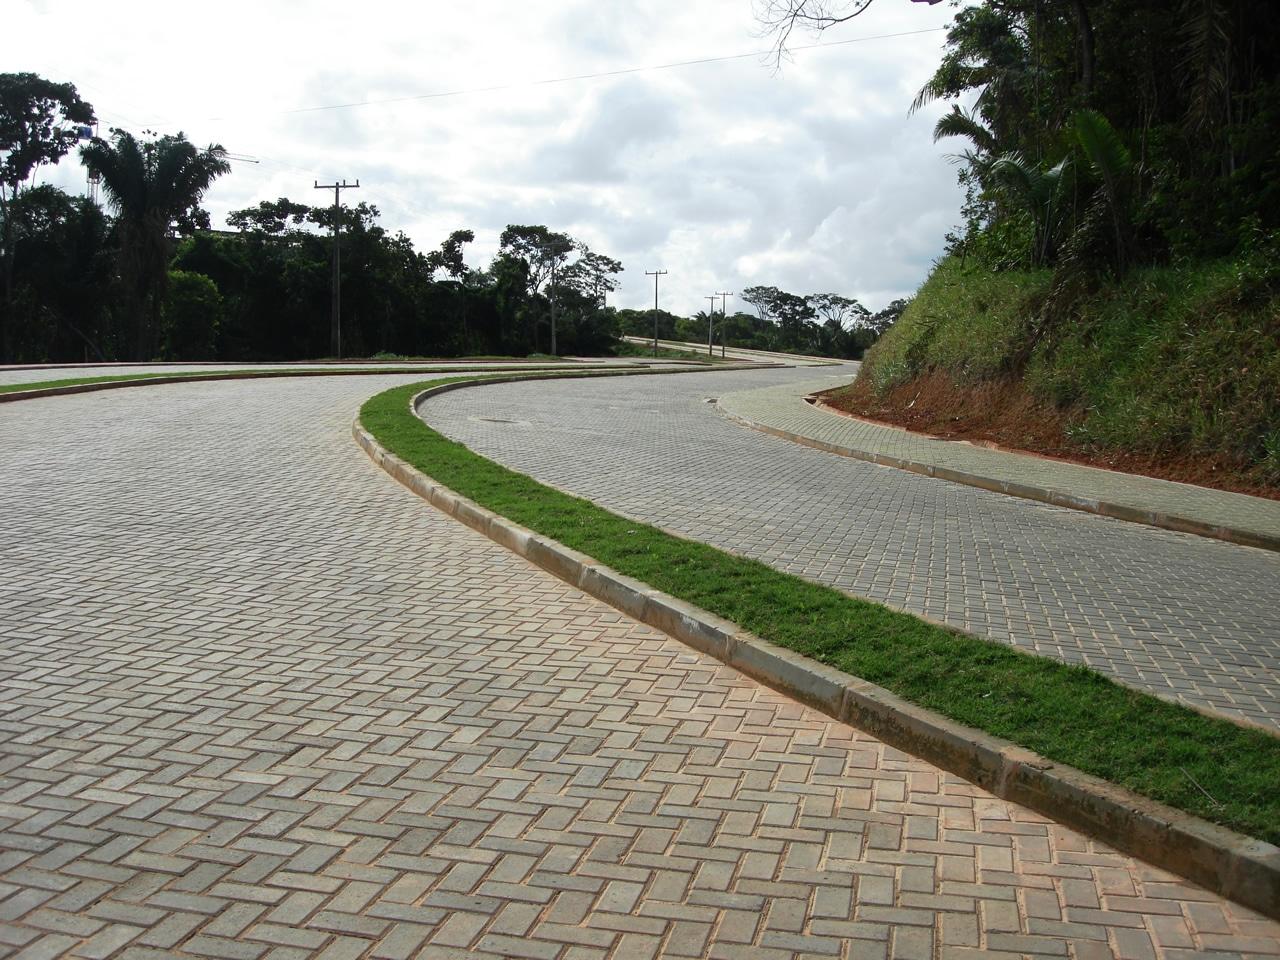 Piso BERNINI Street aplicado na obra do Parque Tecnológico da Bahia.